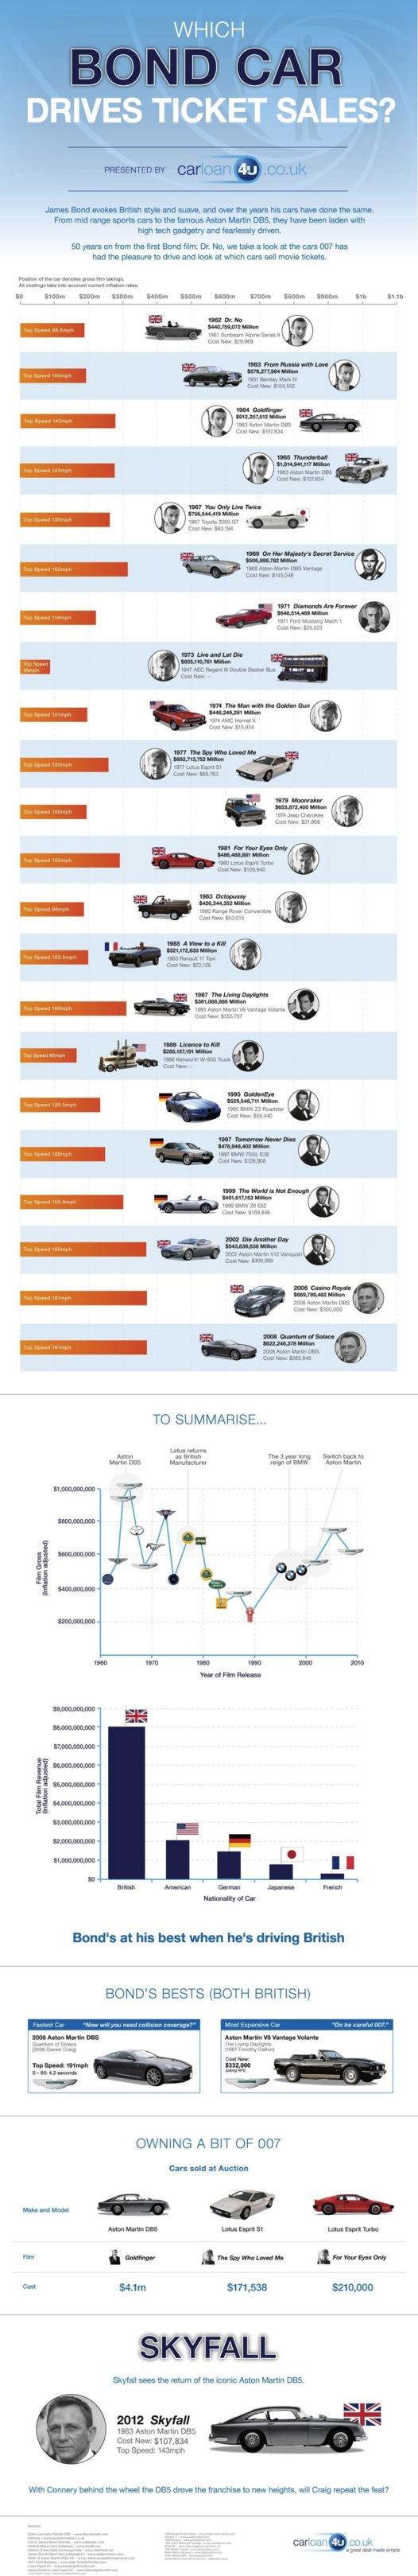 Toutes les voitures de James Bond depuis 50 ans, en 1 image